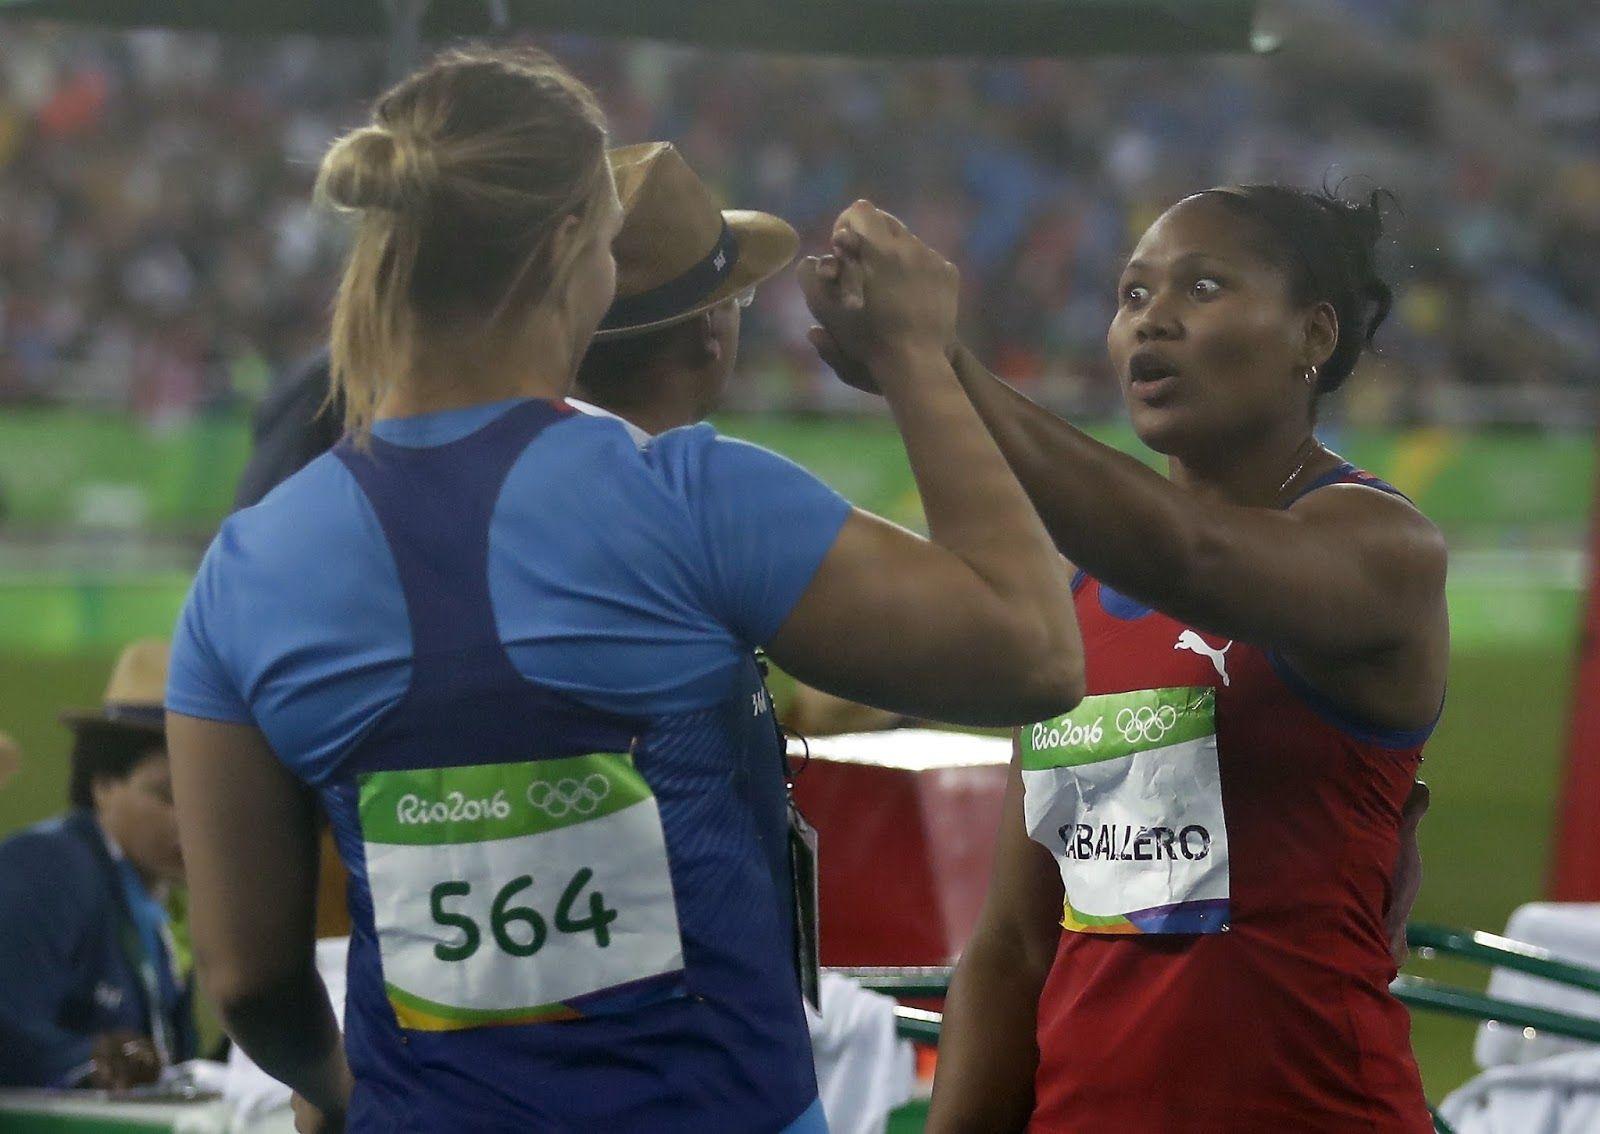 #Rio 2016: Atletismo: Cubana campeona mundial en disco femenino gana bronce qen Río http://jighinfo-rio2016.blogspot.com/2016/08/atletismo-cubana-campeona-mundial-en.html?spref=tw